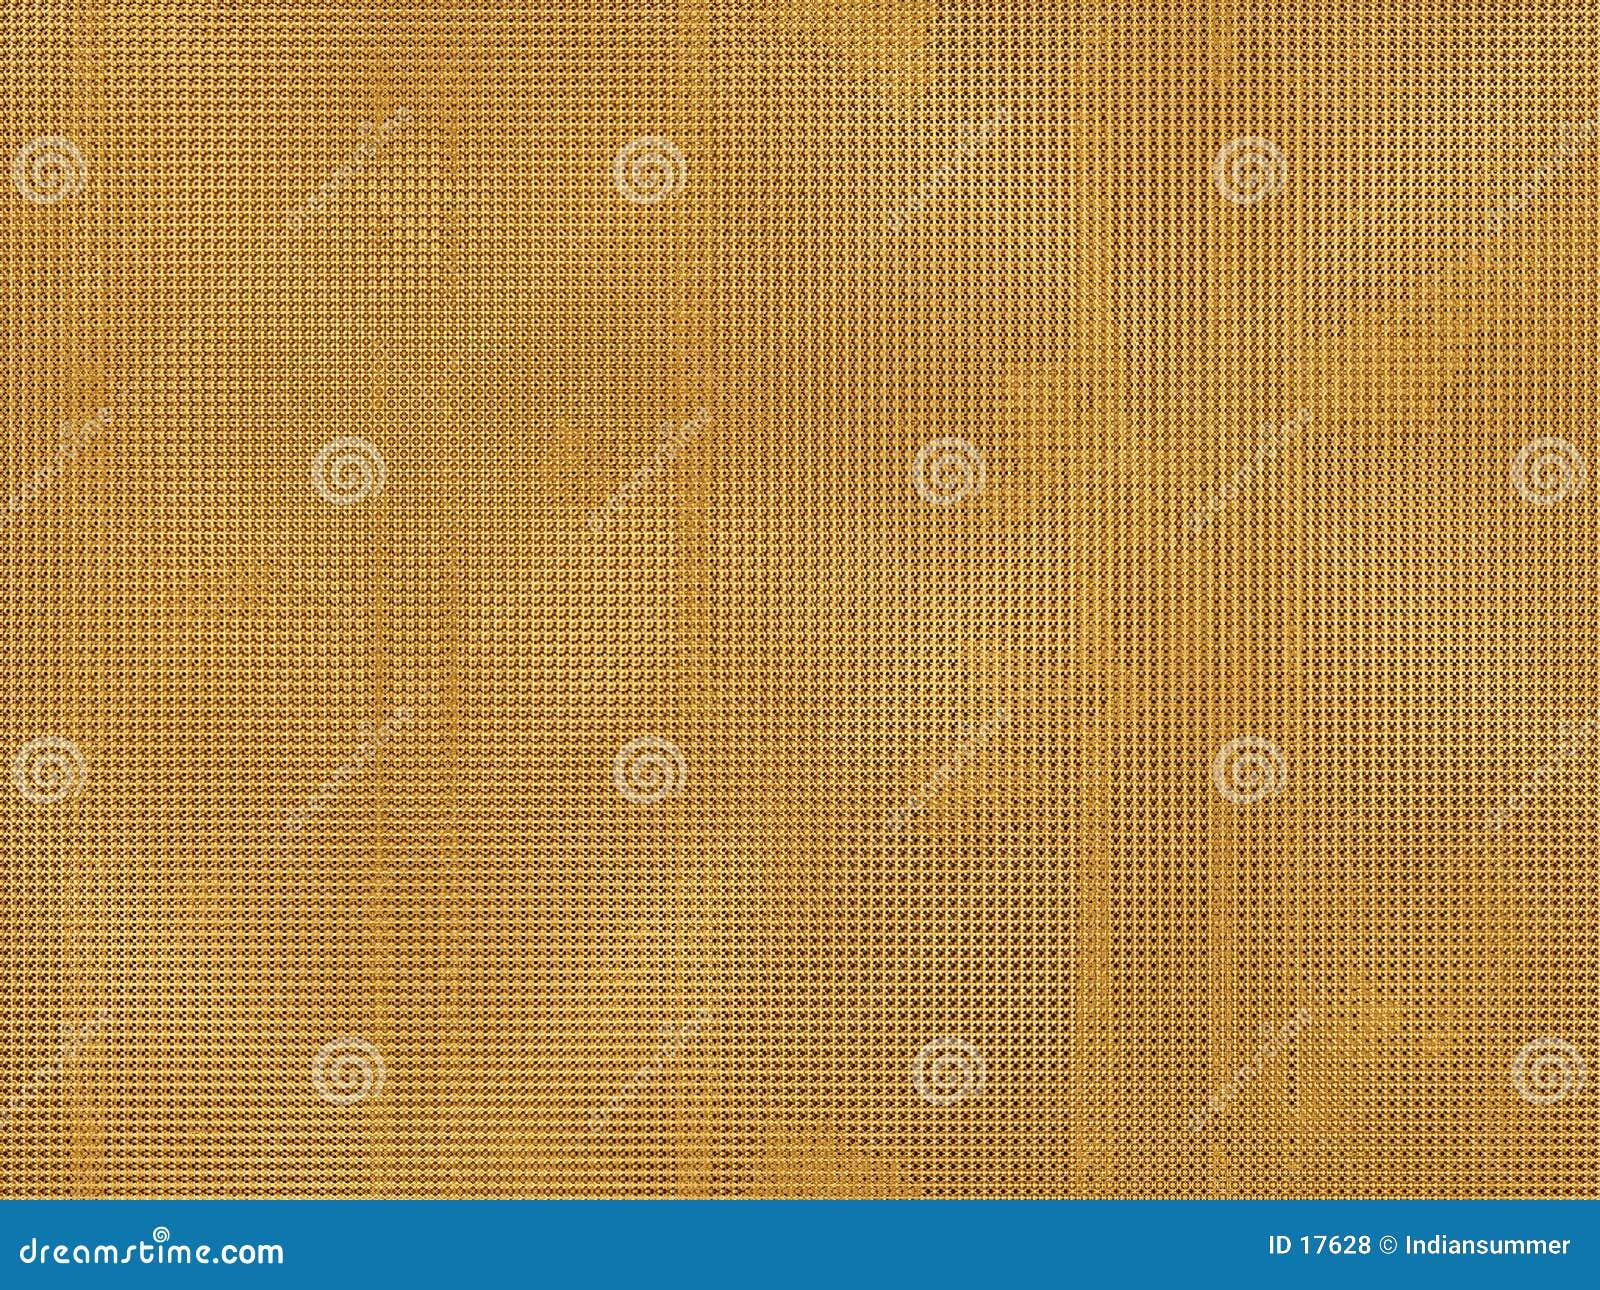 Textura punteada detallada fondo abstracto